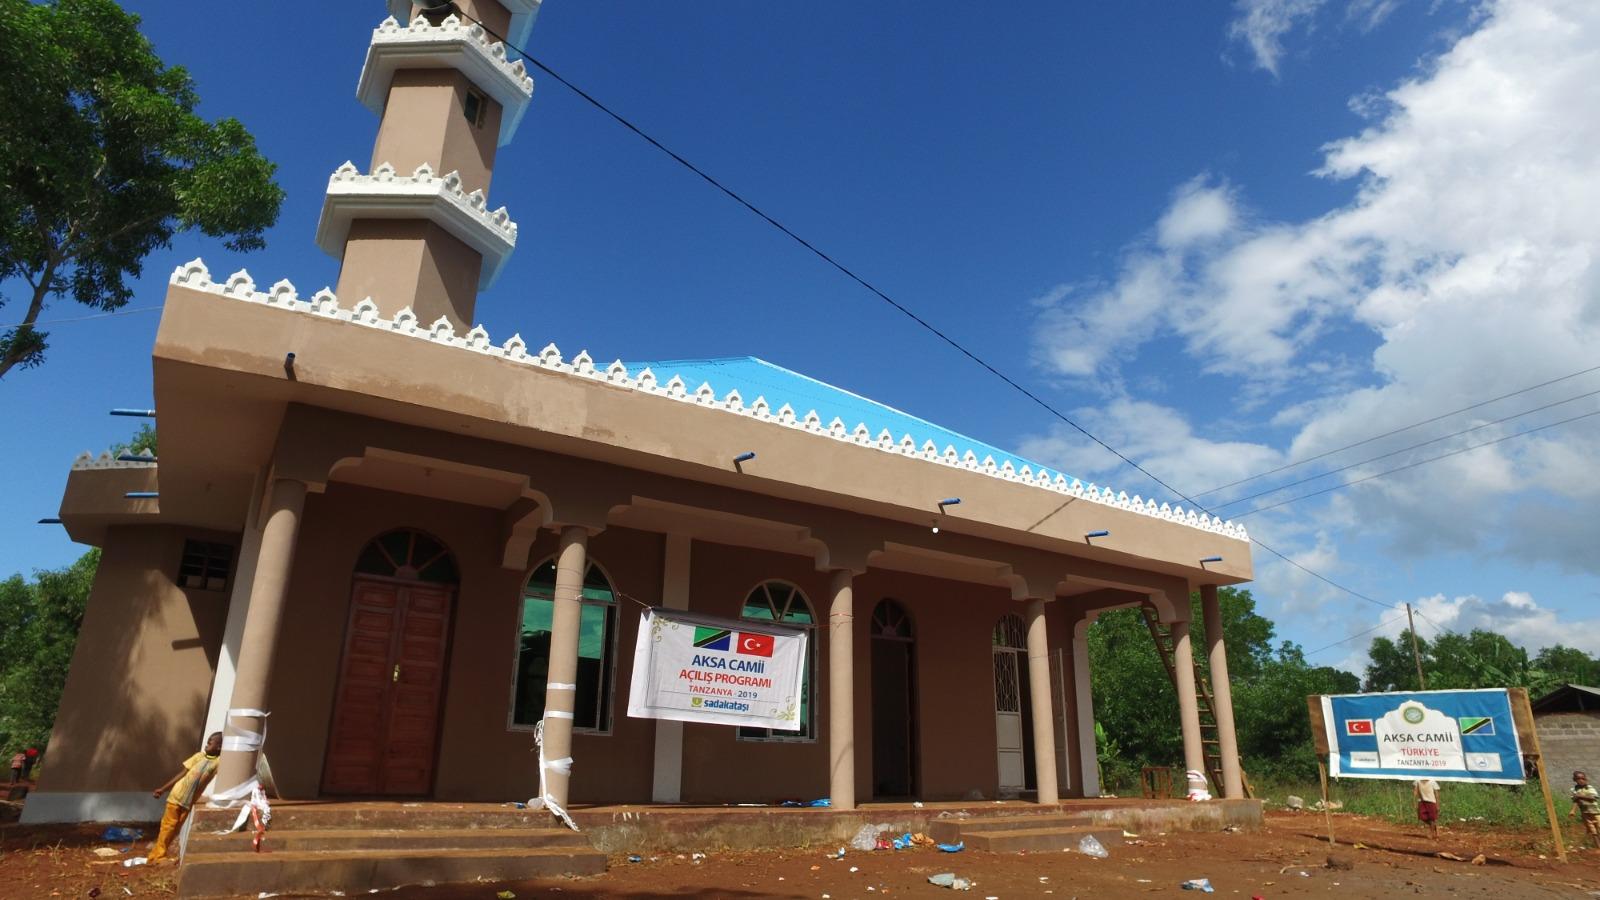 Tanzanya'ya Aksa Camii'si